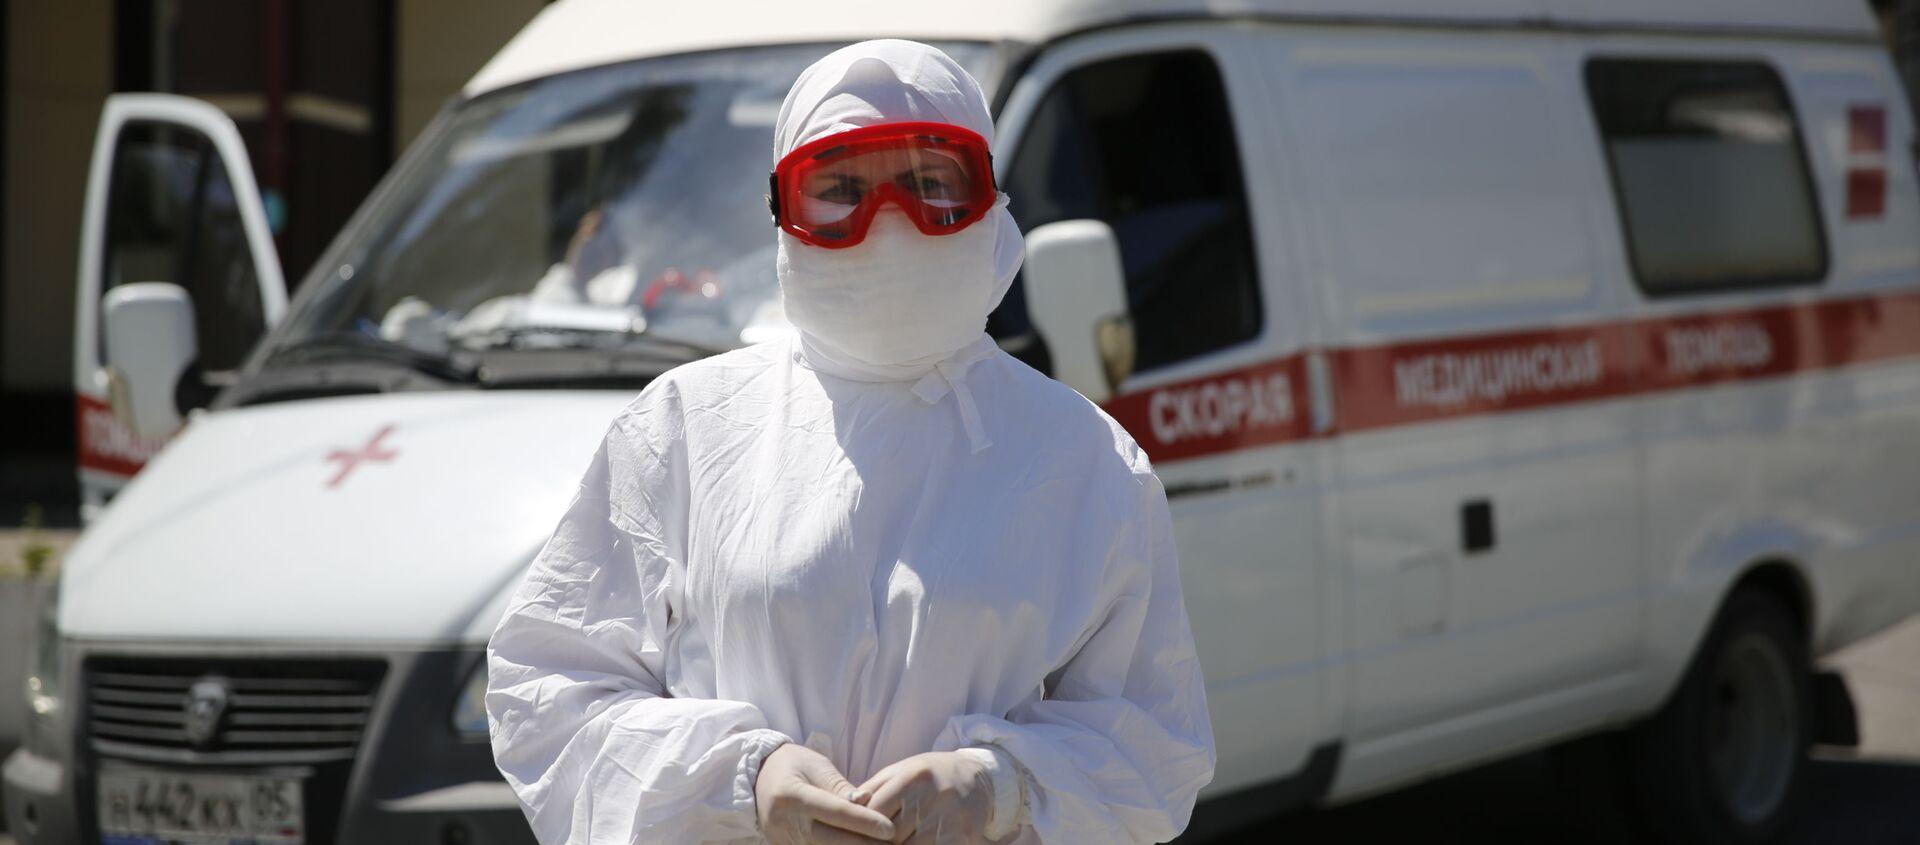 Медики ЮВО приняли на лечение более 70 пациентов с COVID-19 в мобильном госпитале в Сухуме - Sputnik Абхазия, 1920, 06.09.2021